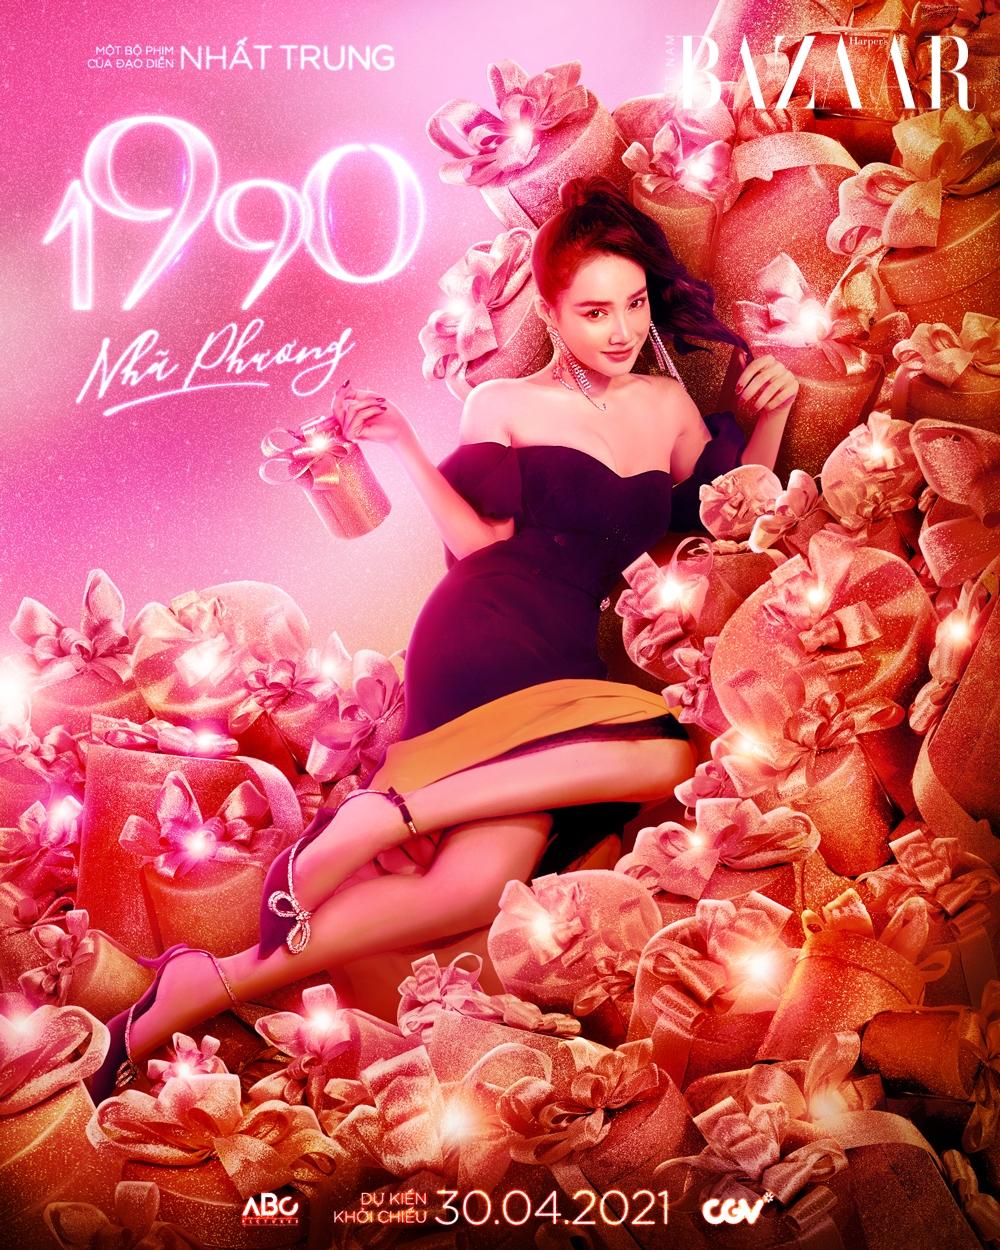 Phim 1990 là món quà nữ quyền mà Lan Ngọc, Diễm My và Nhã Phương dành tặng chị em U30+